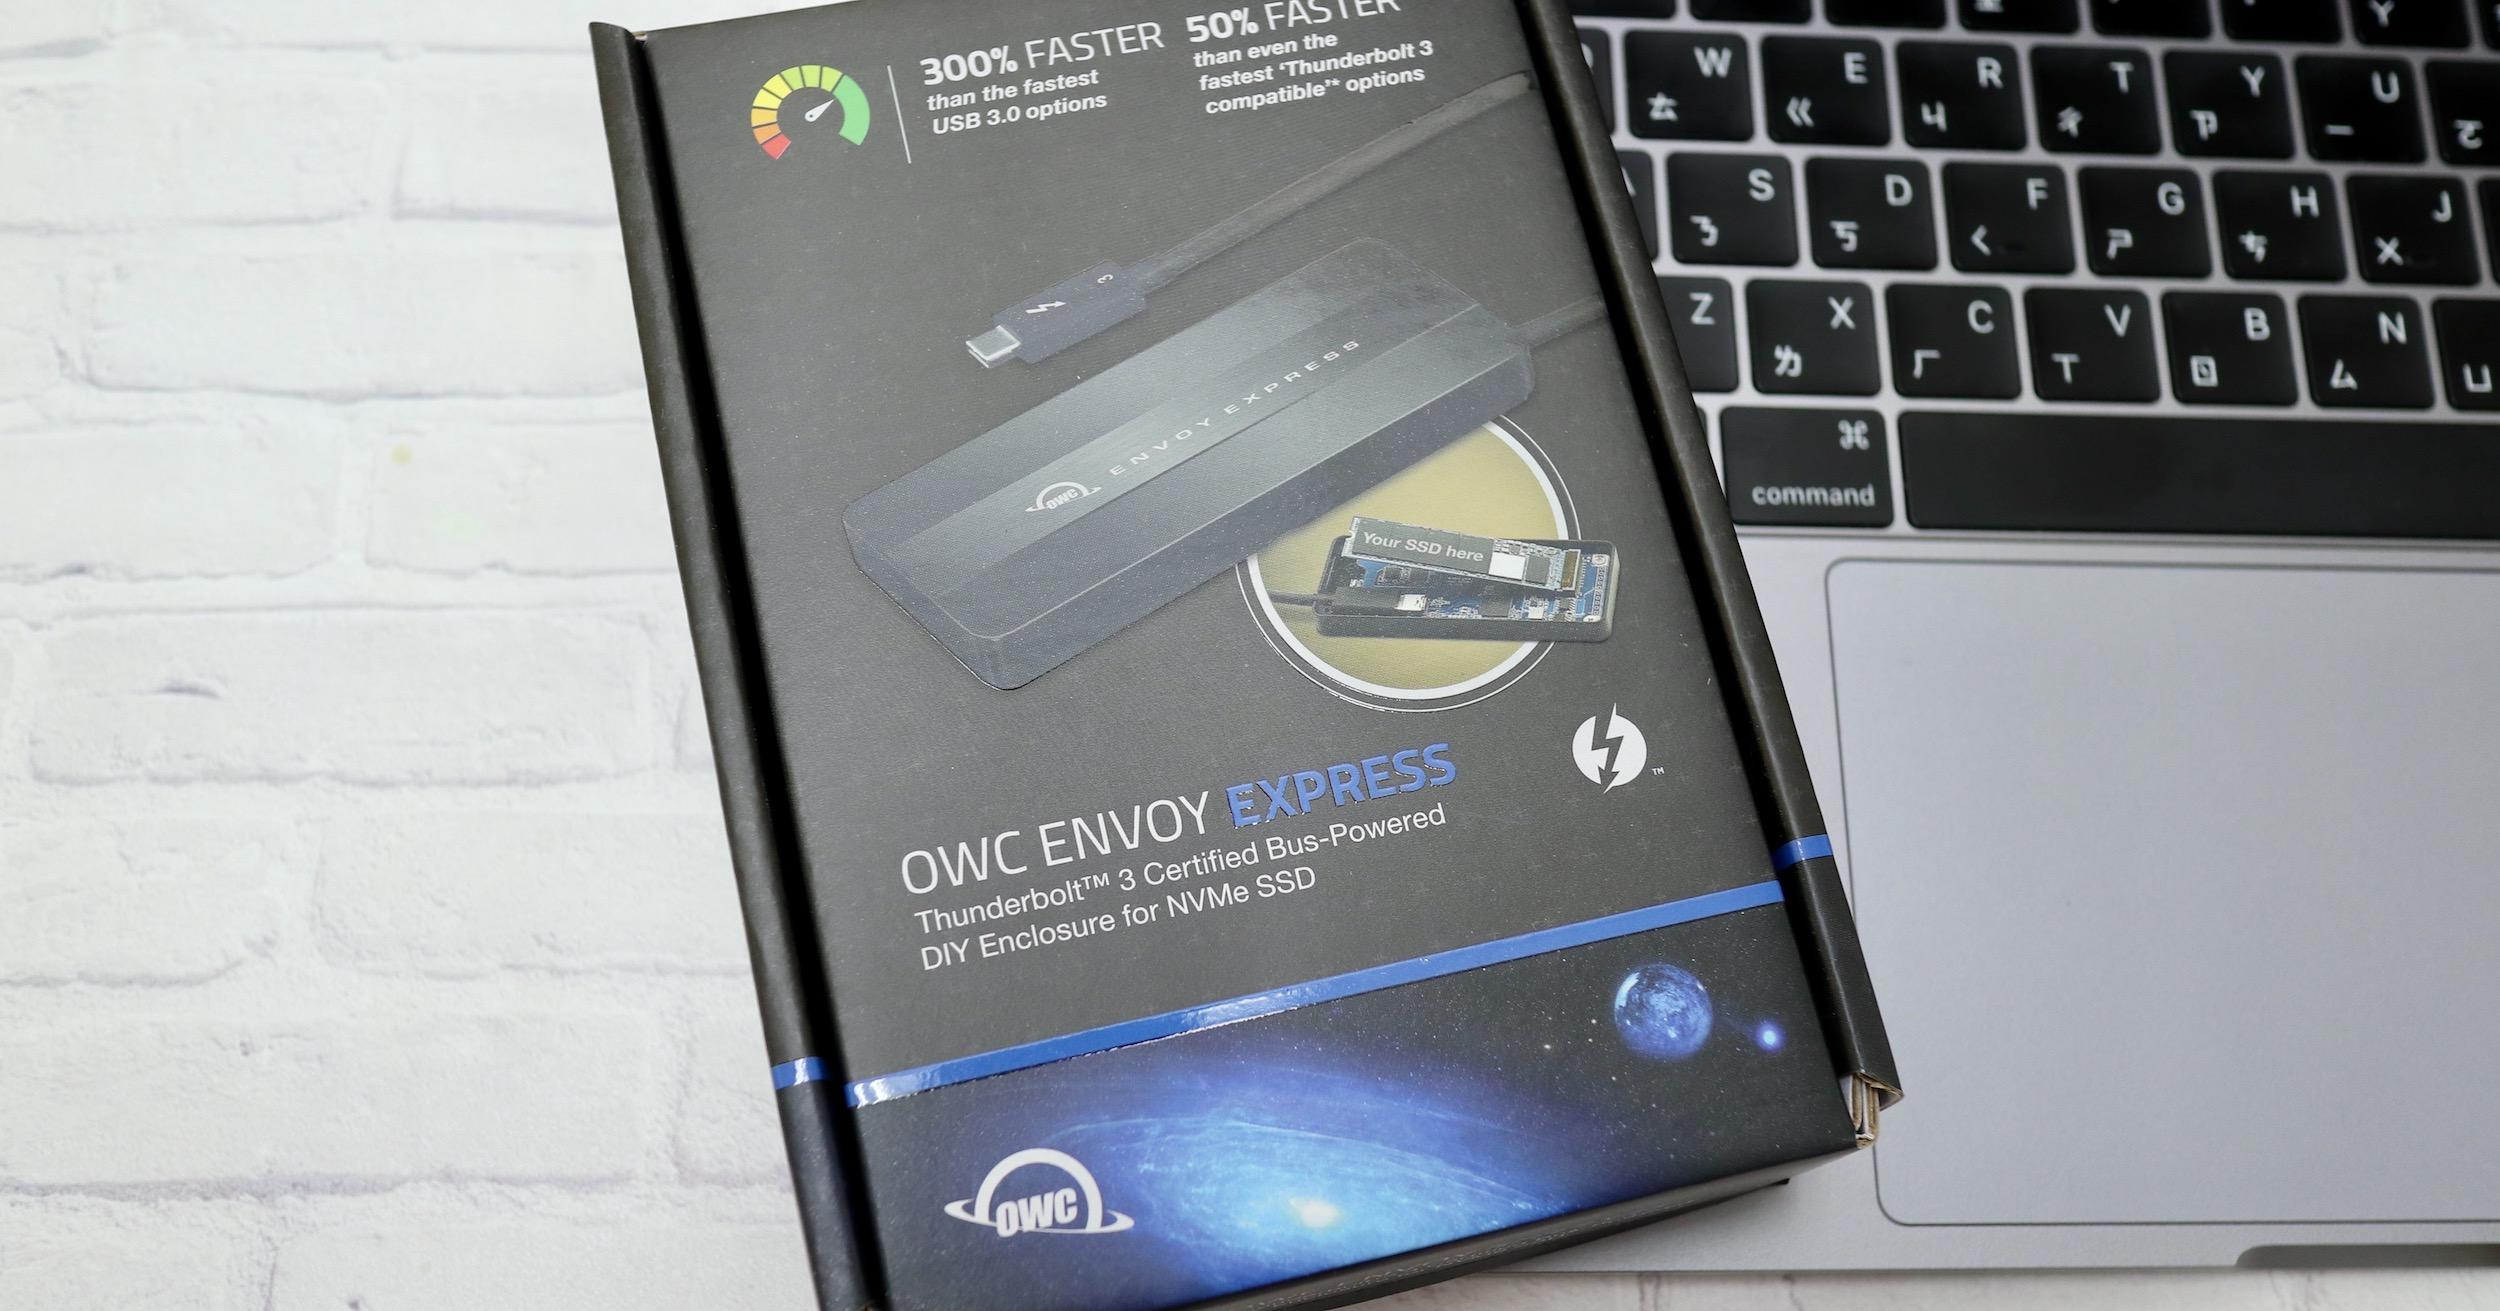 OWC Envoy Express